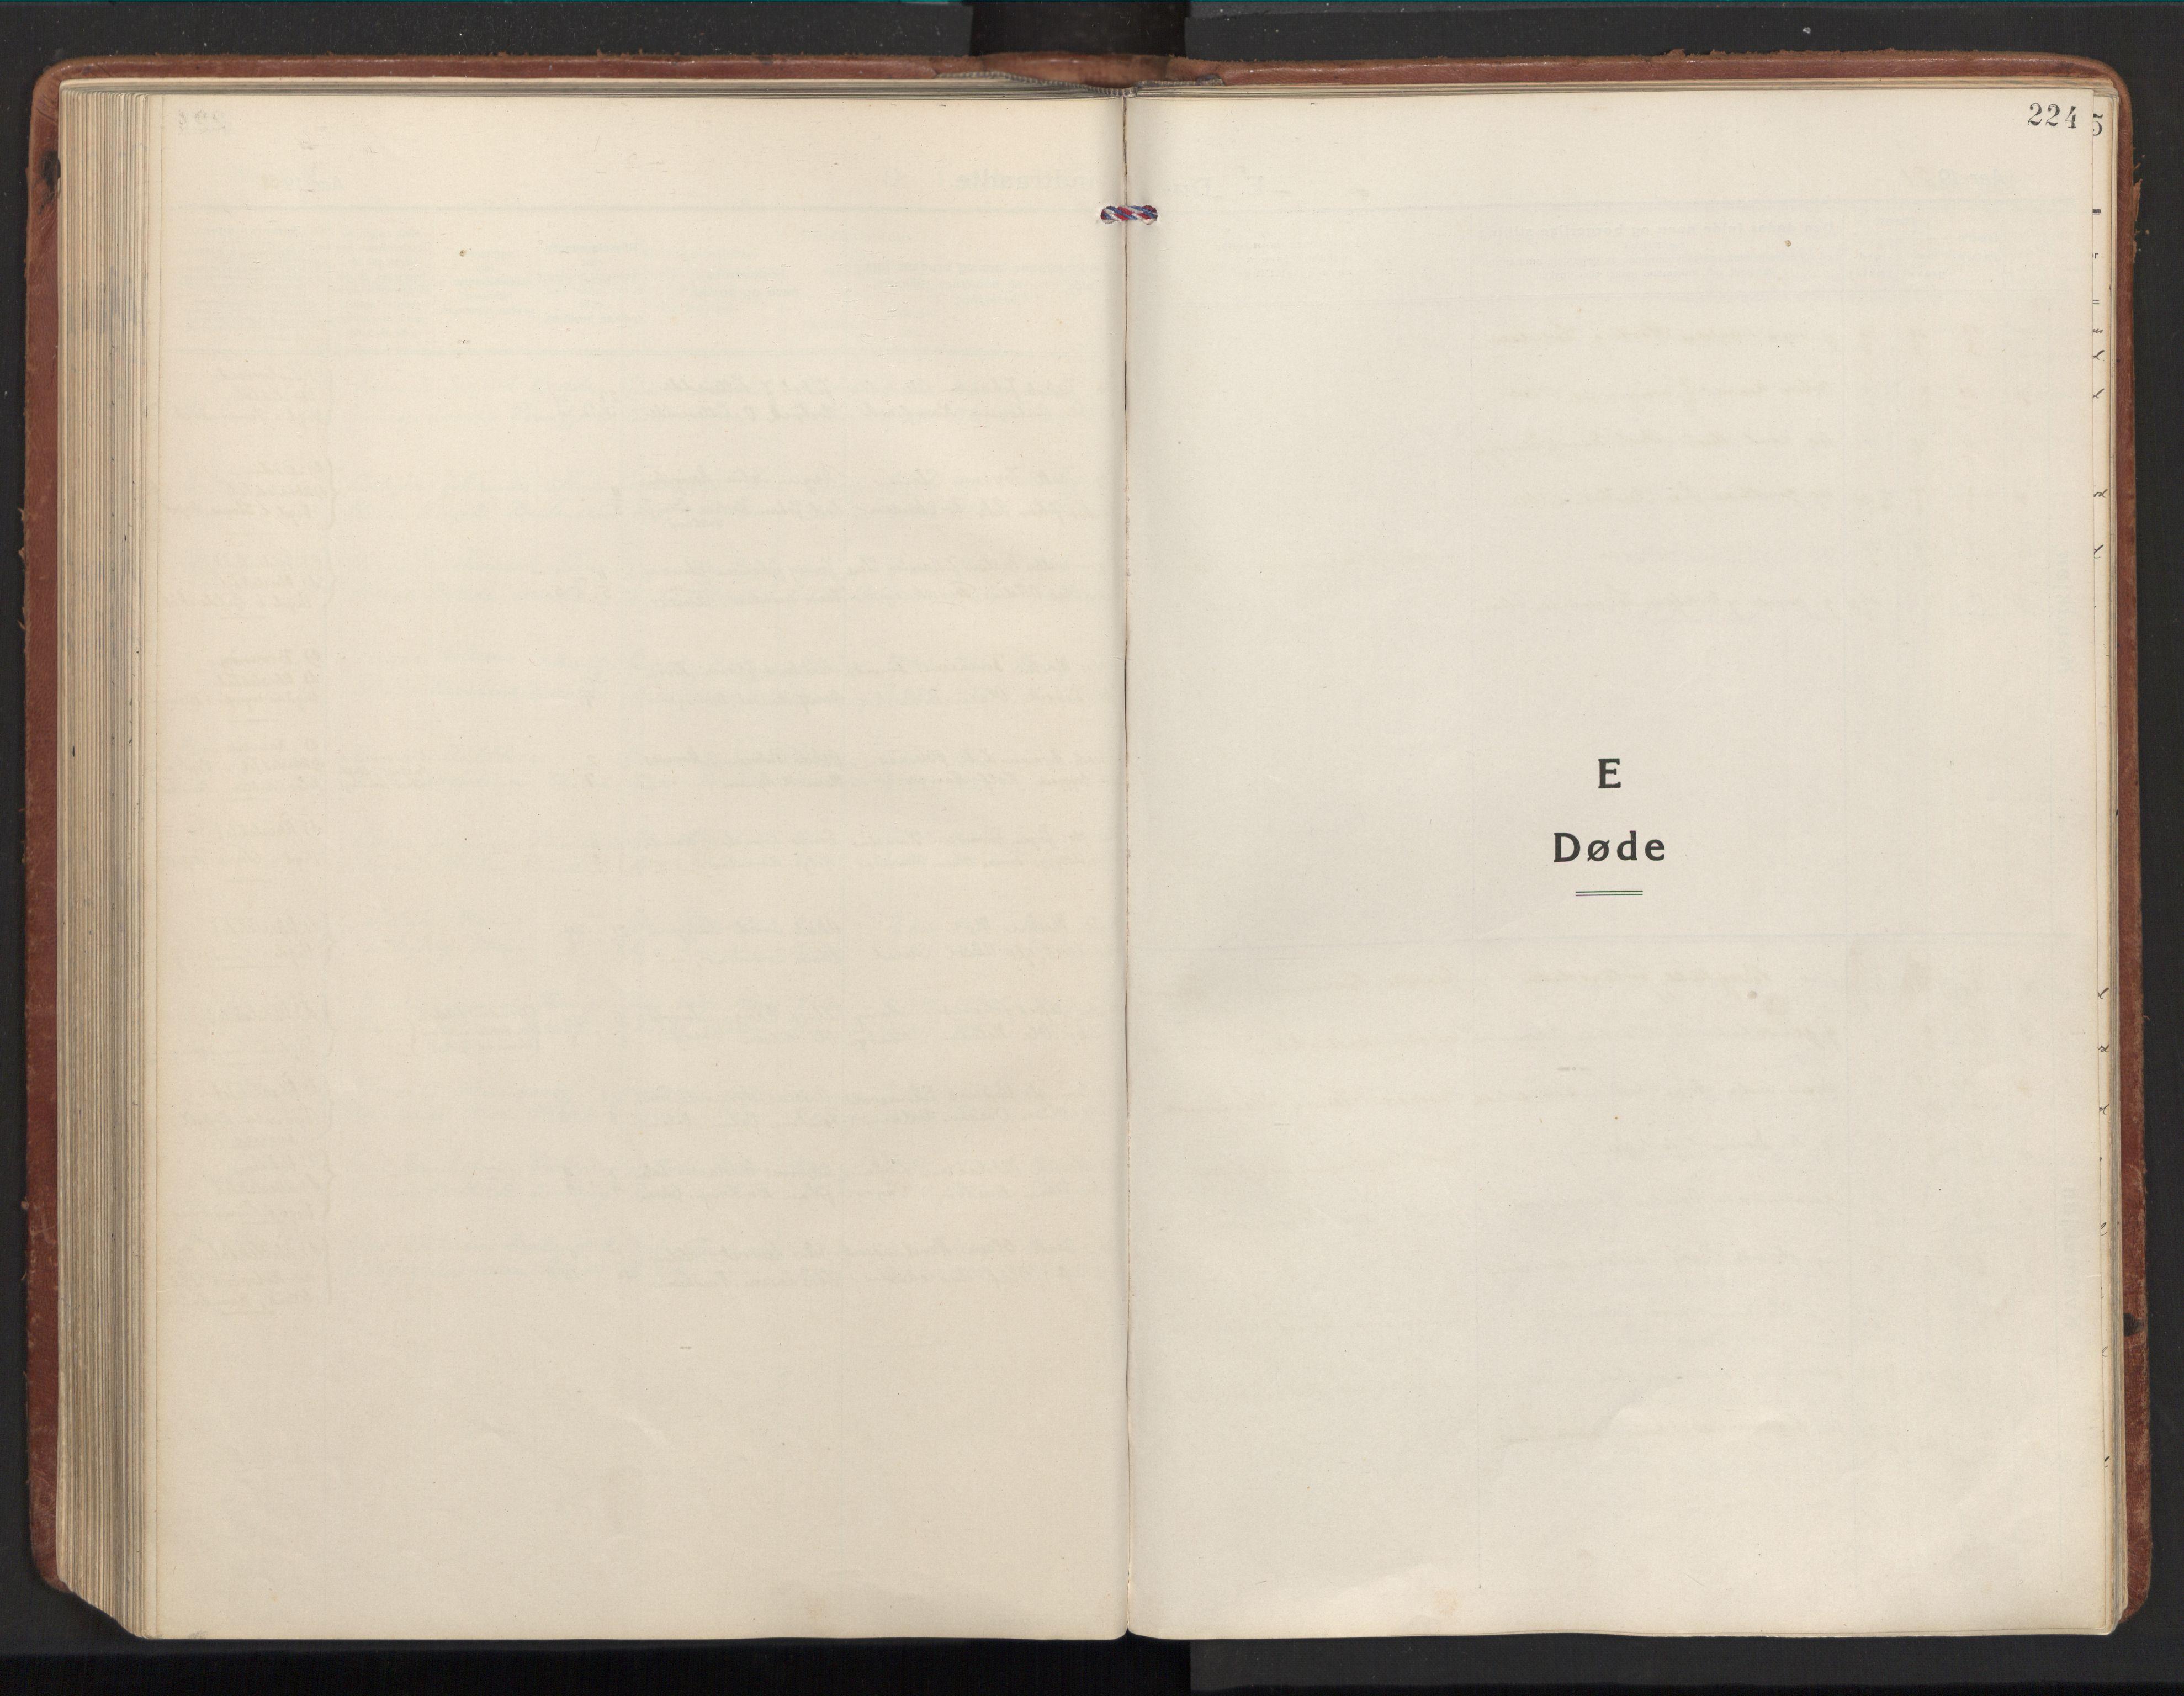 SAT, Ministerialprotokoller, klokkerbøker og fødselsregistre - Nord-Trøndelag, 784/L0678: Ministerialbok nr. 784A13, 1921-1938, s. 224